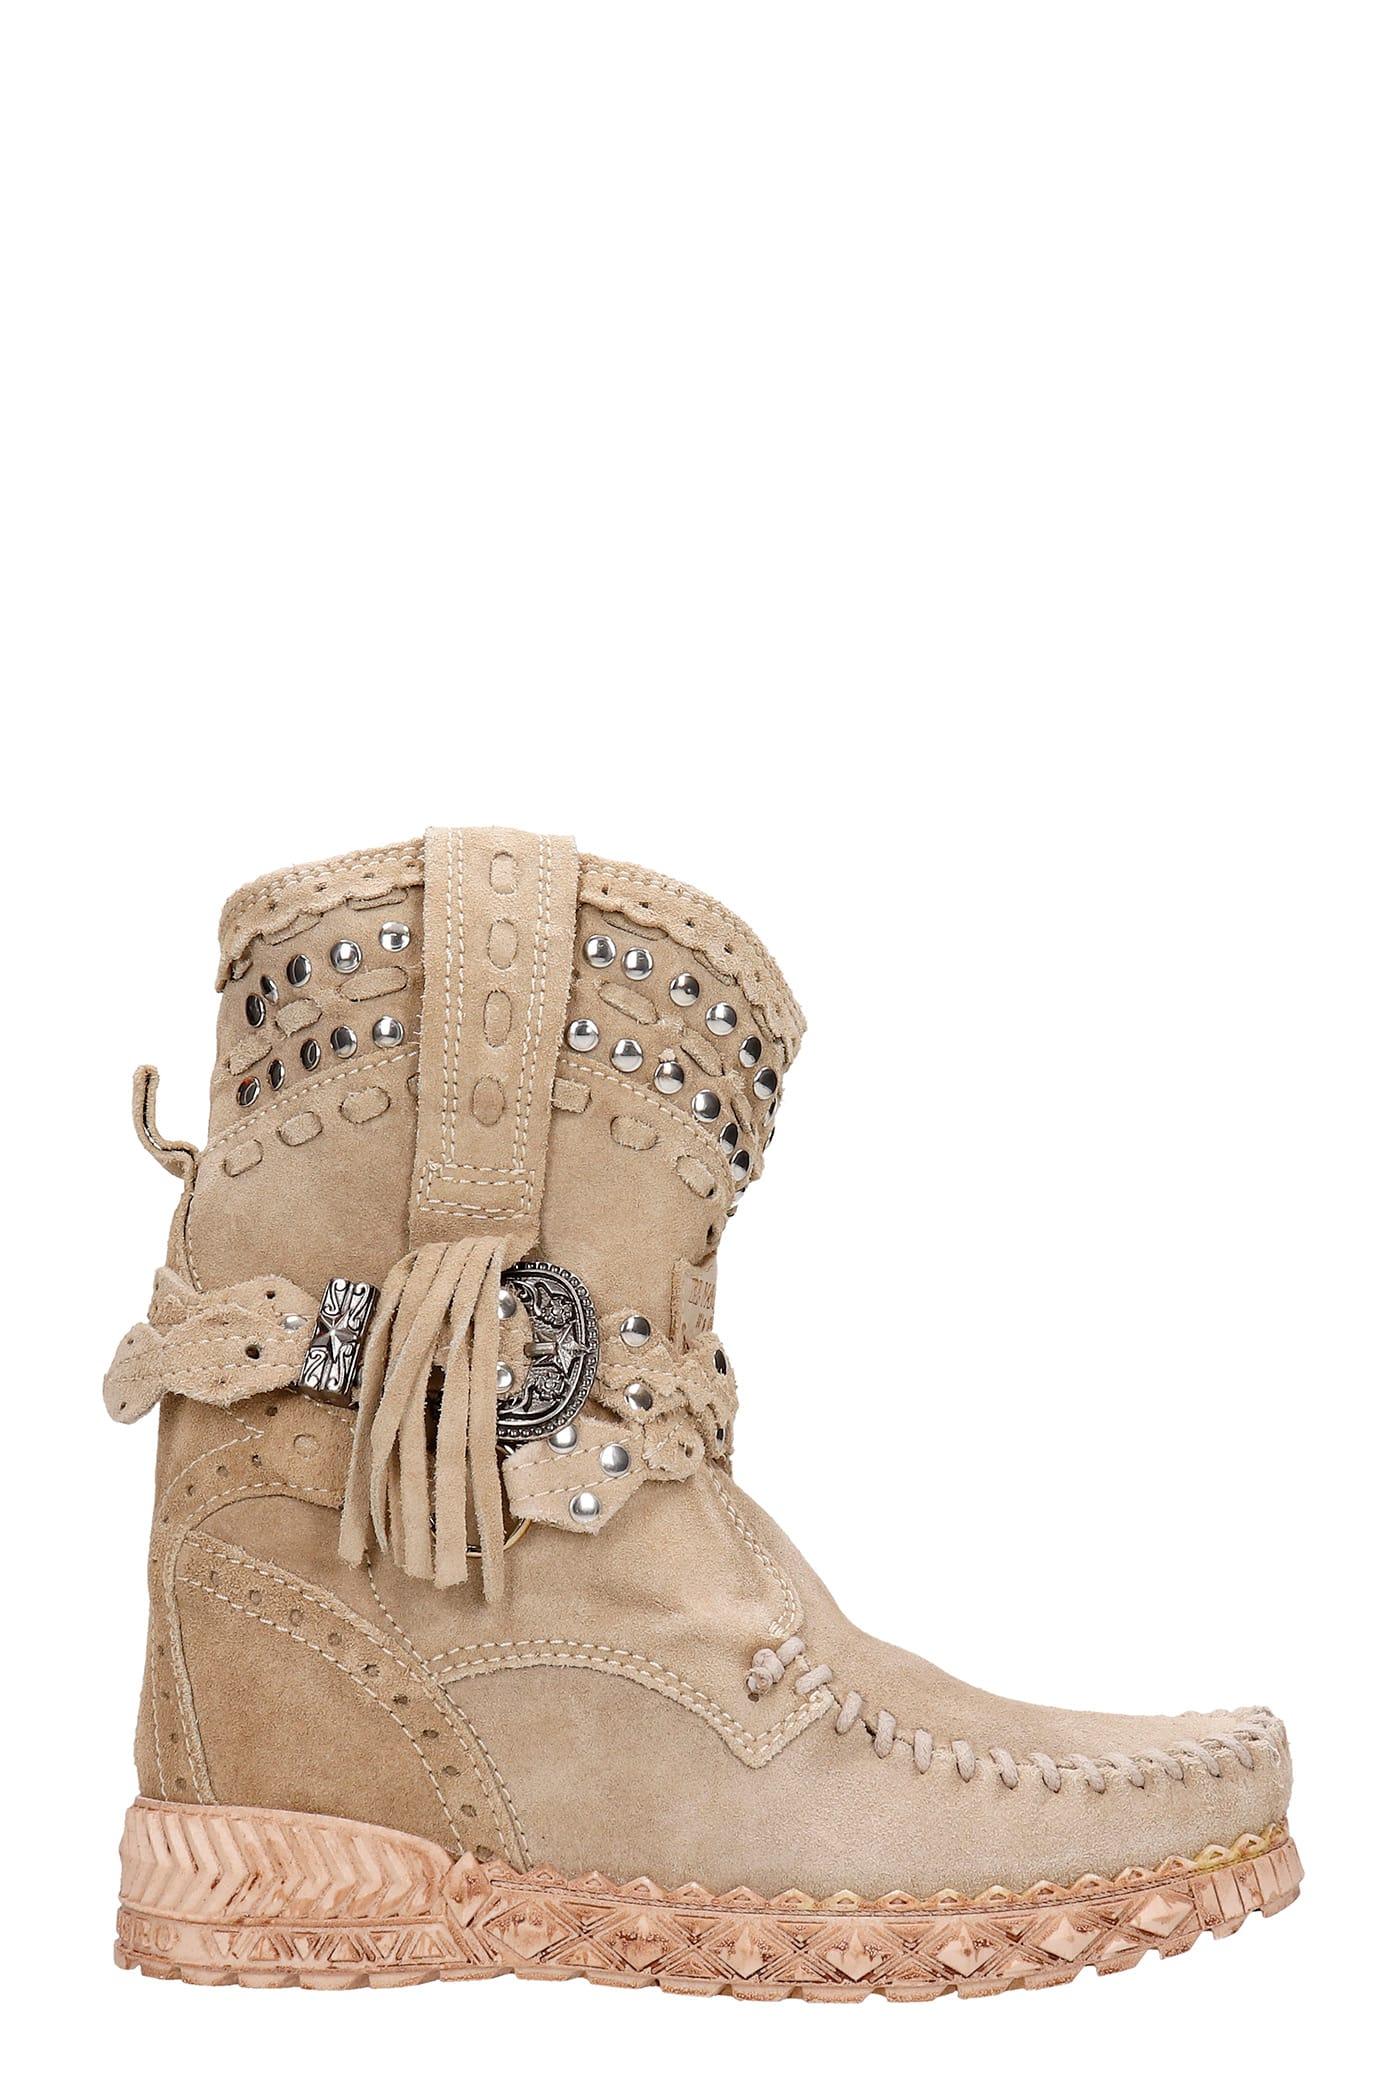 Yara Ankel Boots Inside Wedge In Beige Suede